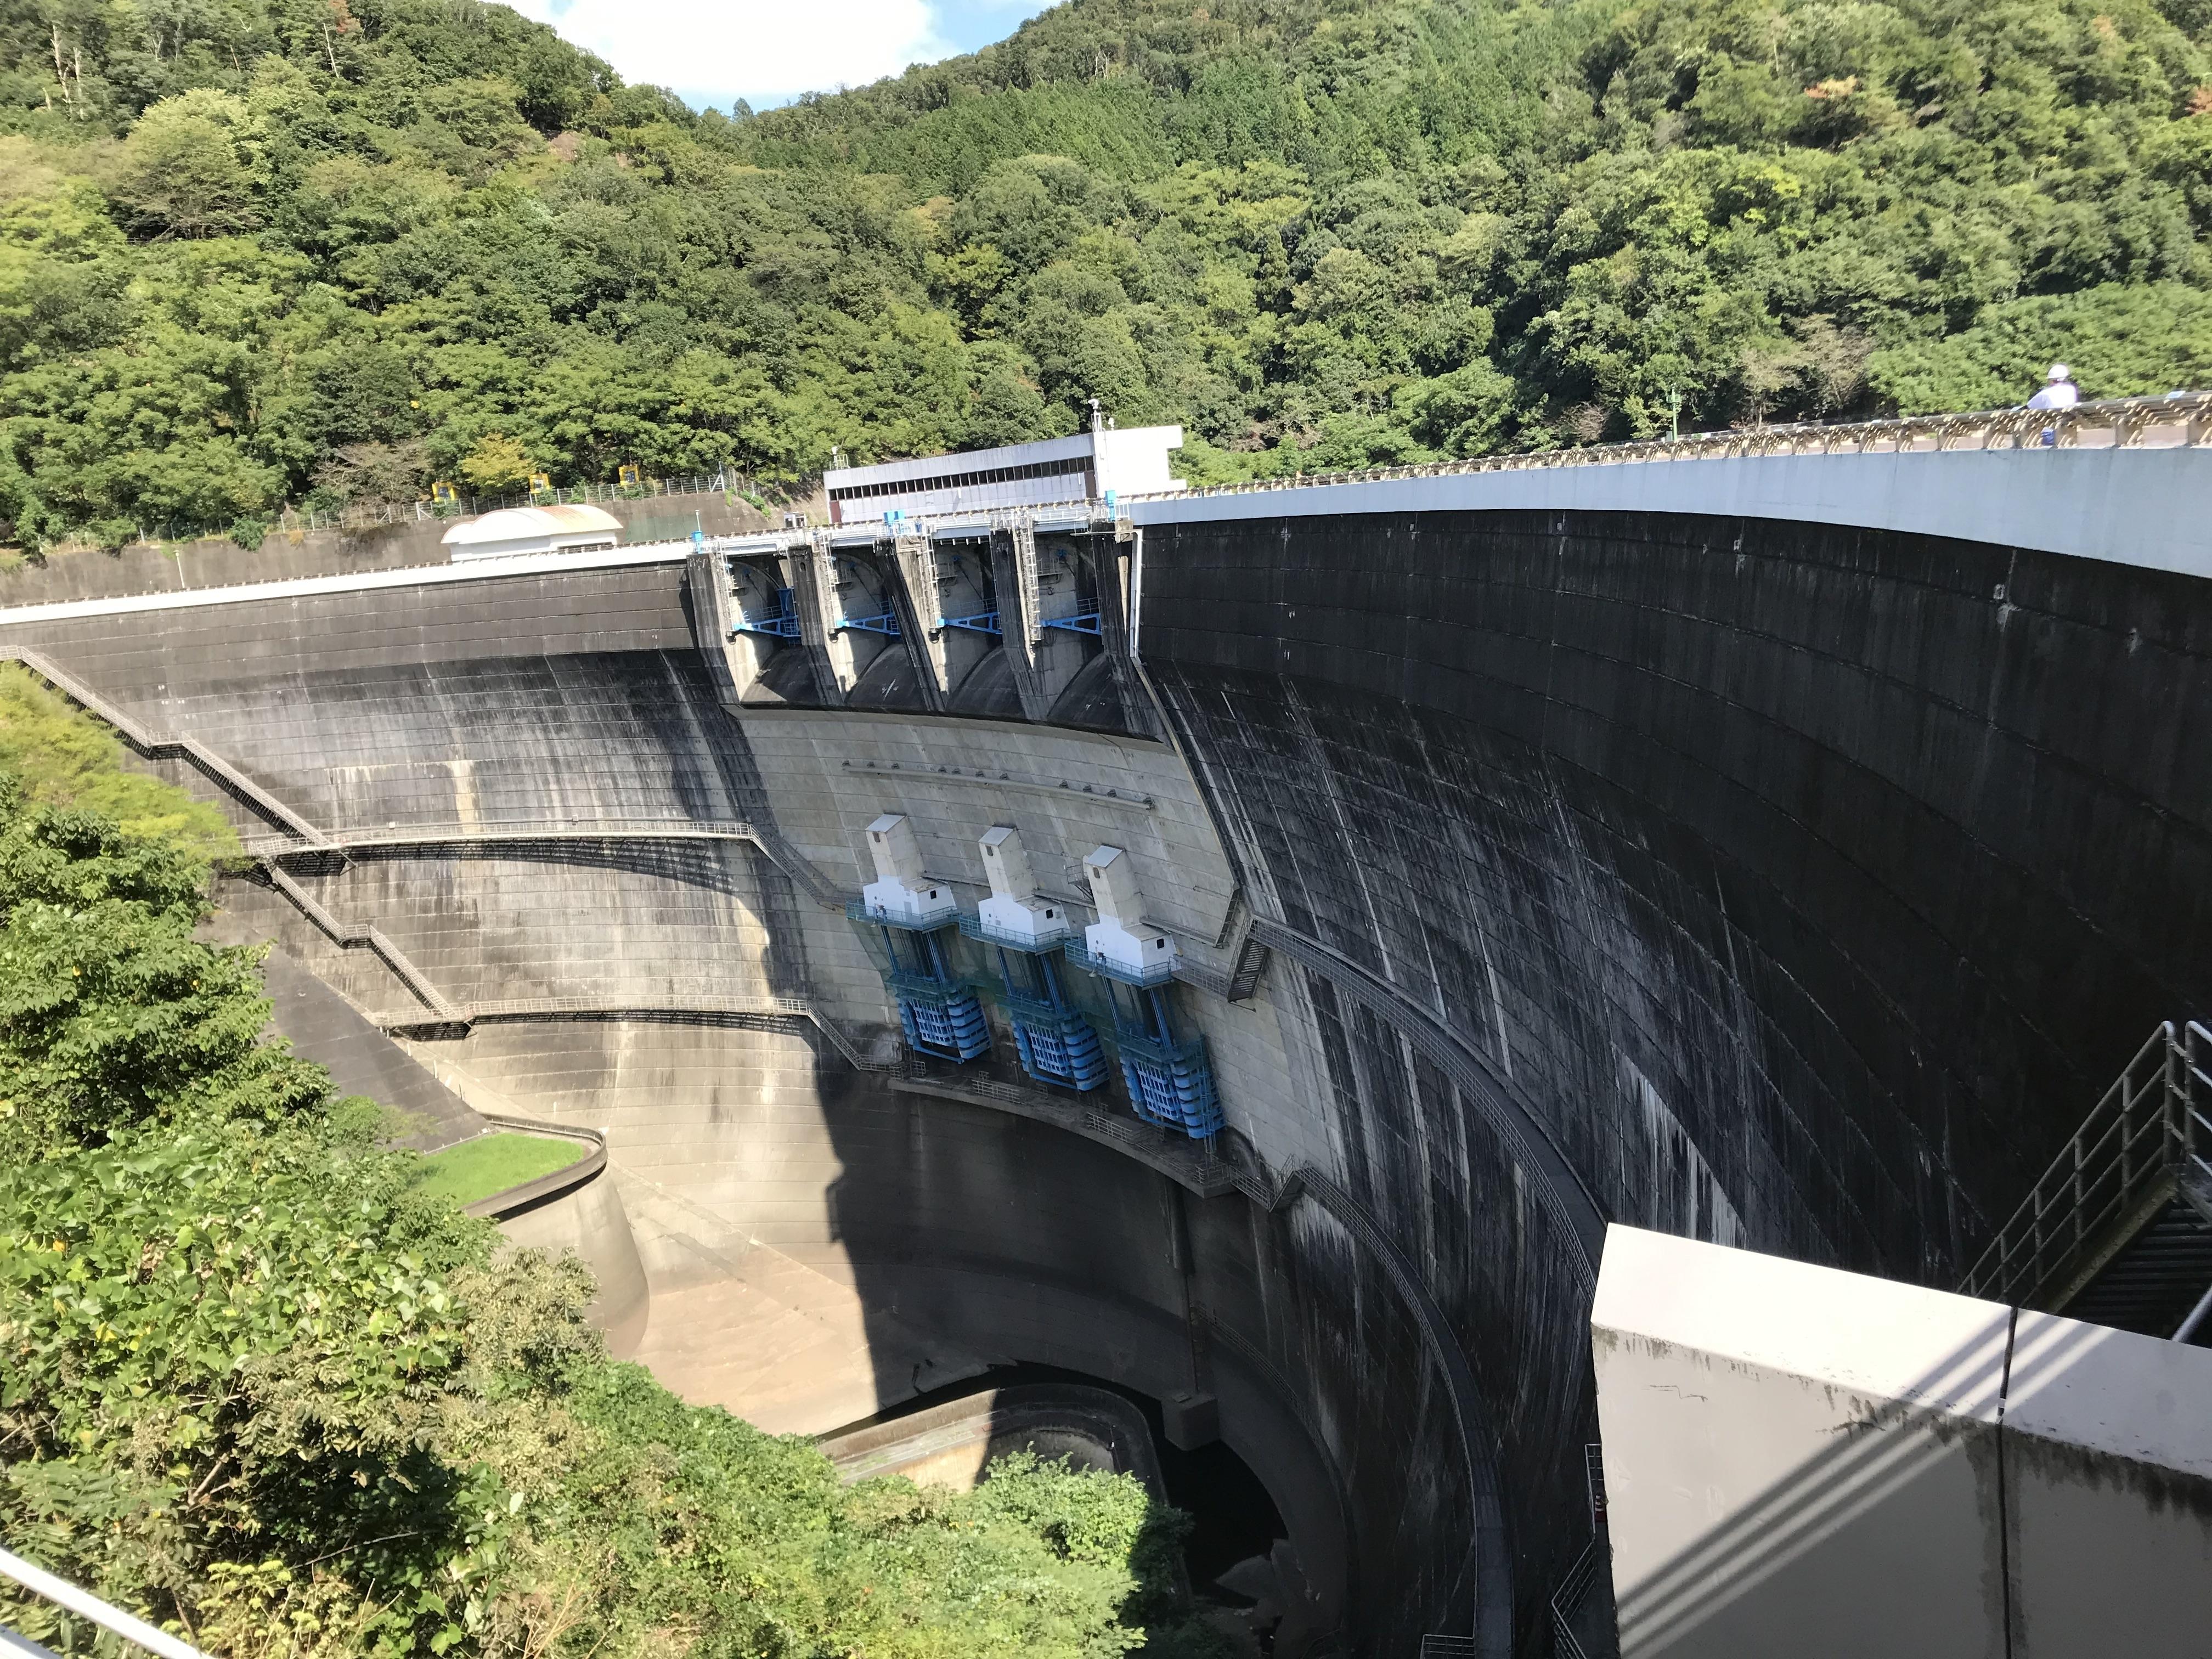 ぴーきち&ダイナ ハーレーで行く 天ケ瀬ダム ツーリング 鳳凰湖